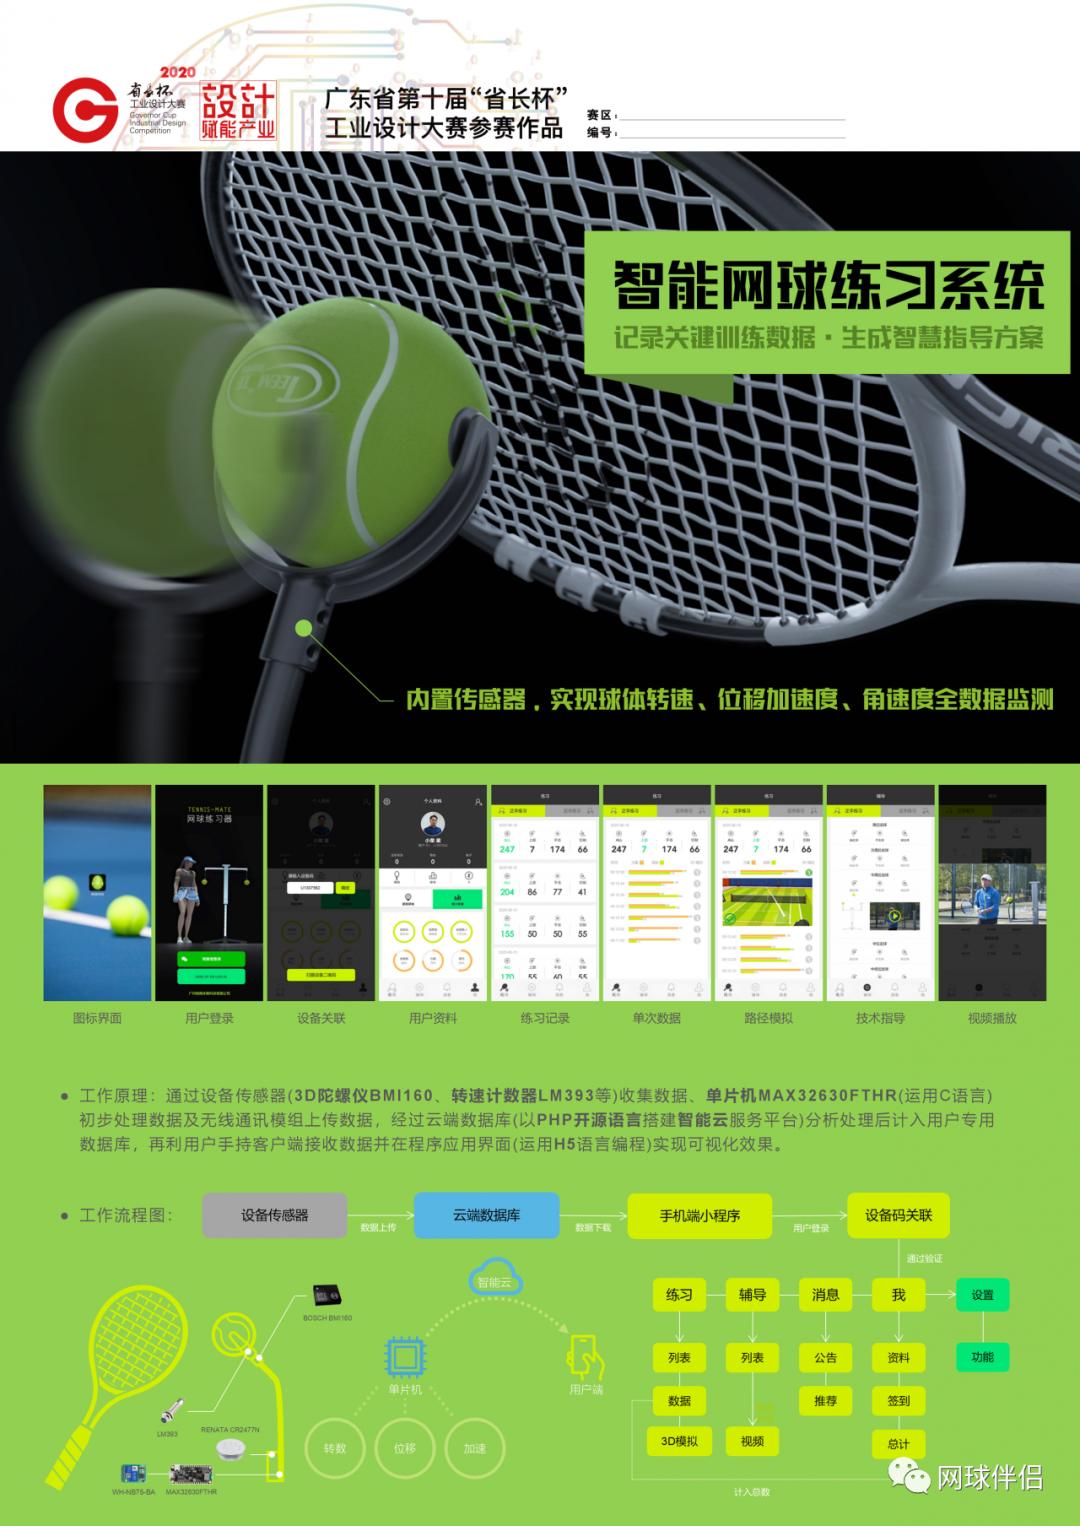 《智能网球练习器设计》在2020第十届